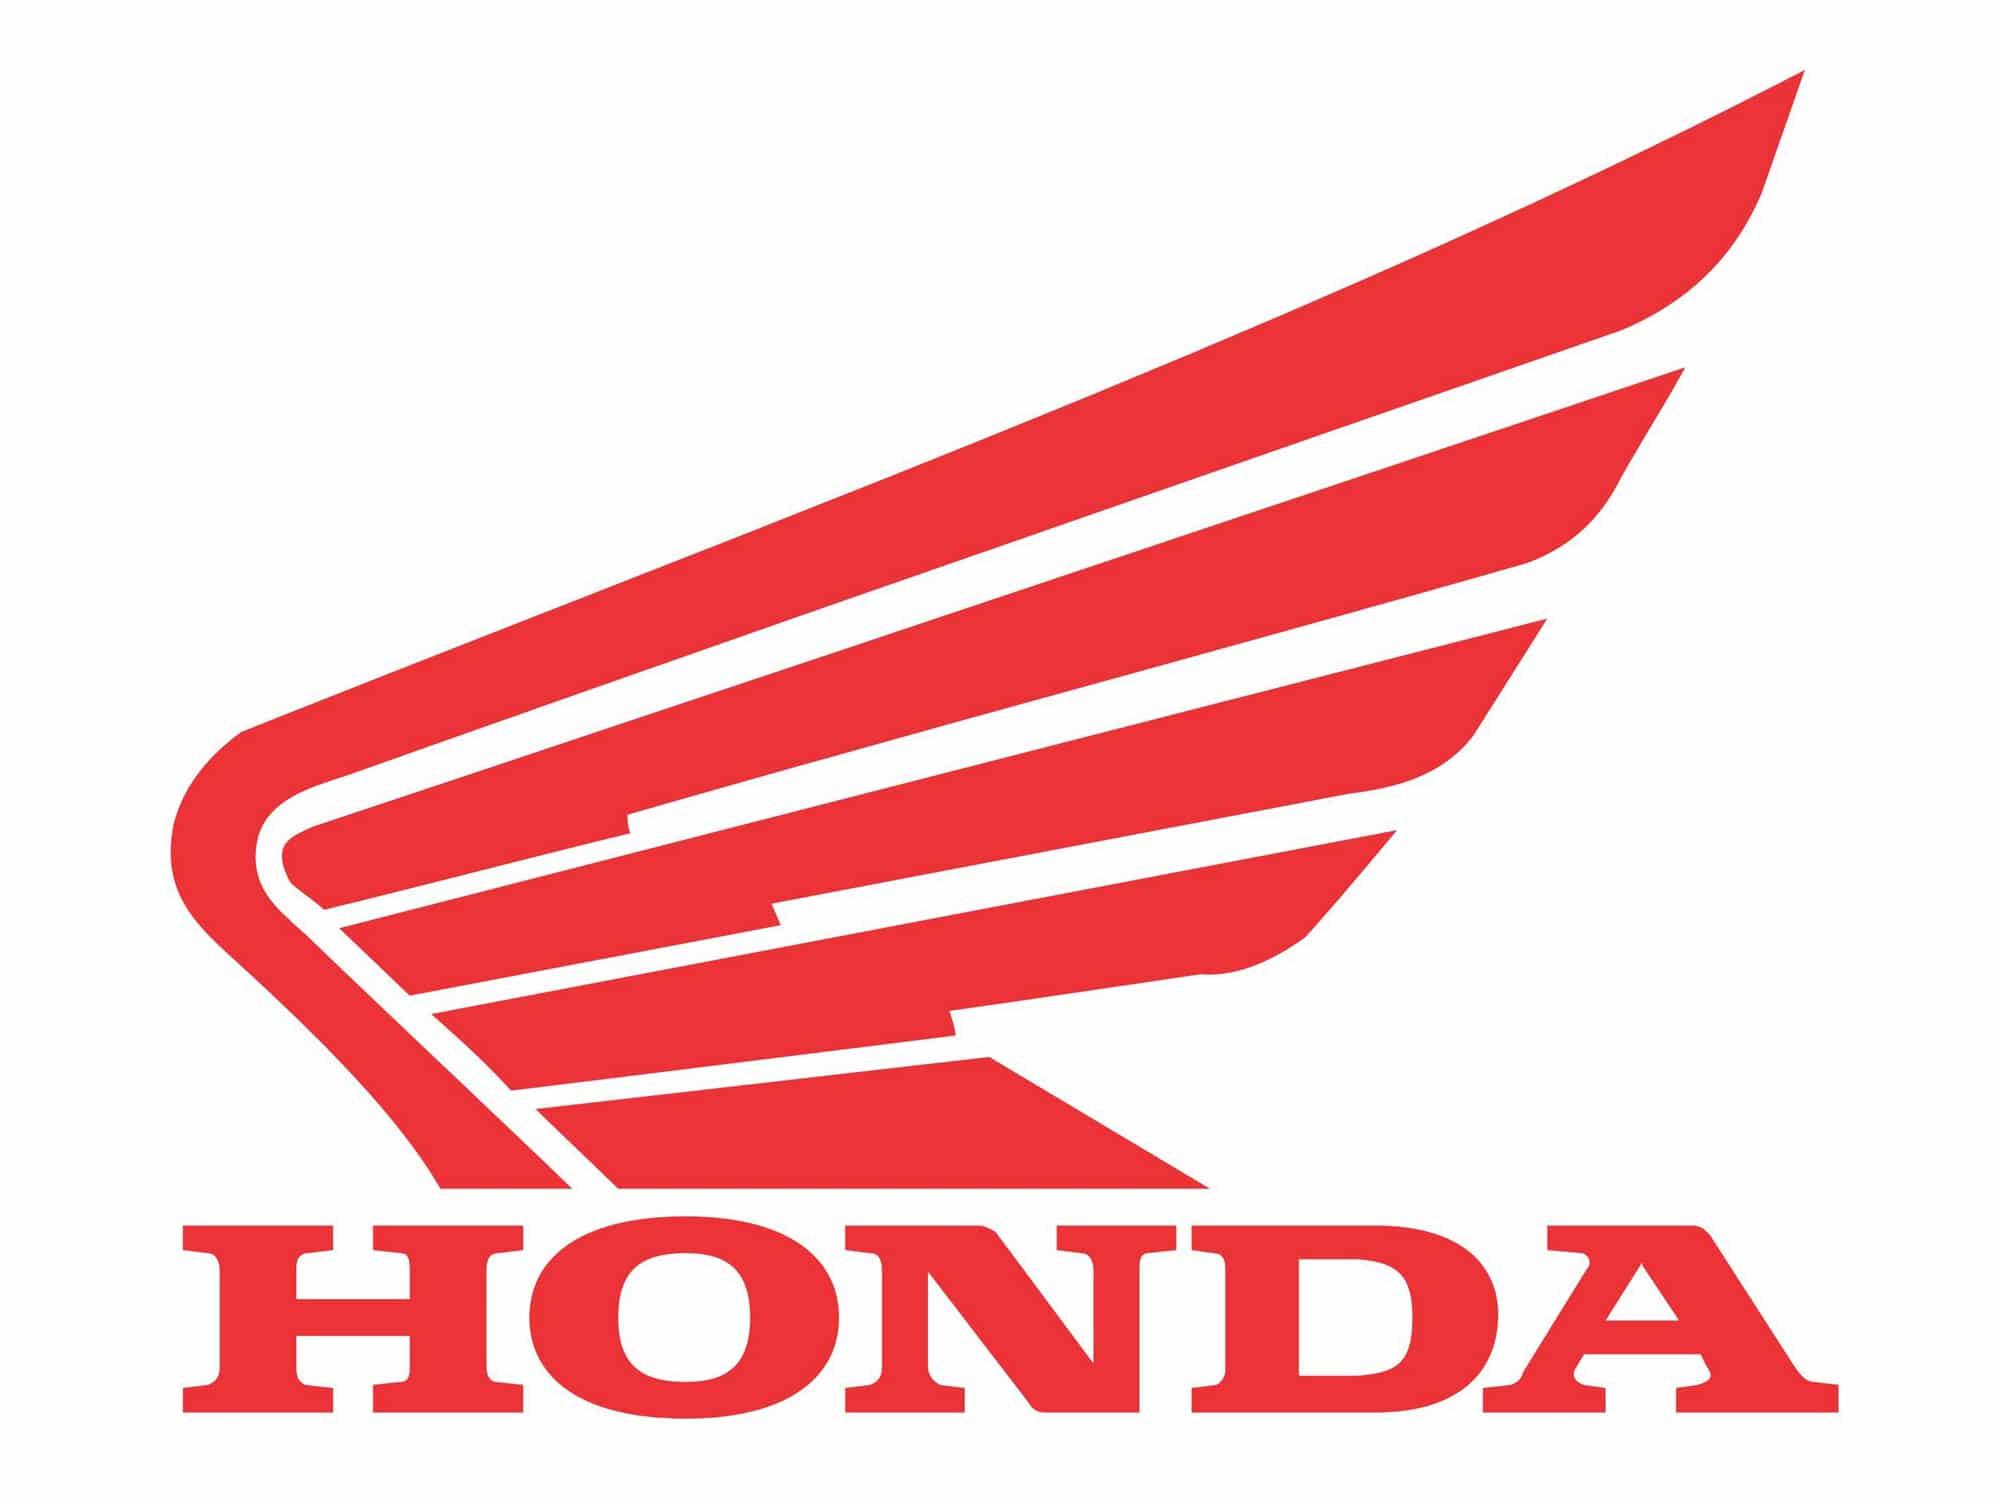 Honda logo : histoire, signification et évolution, symbole